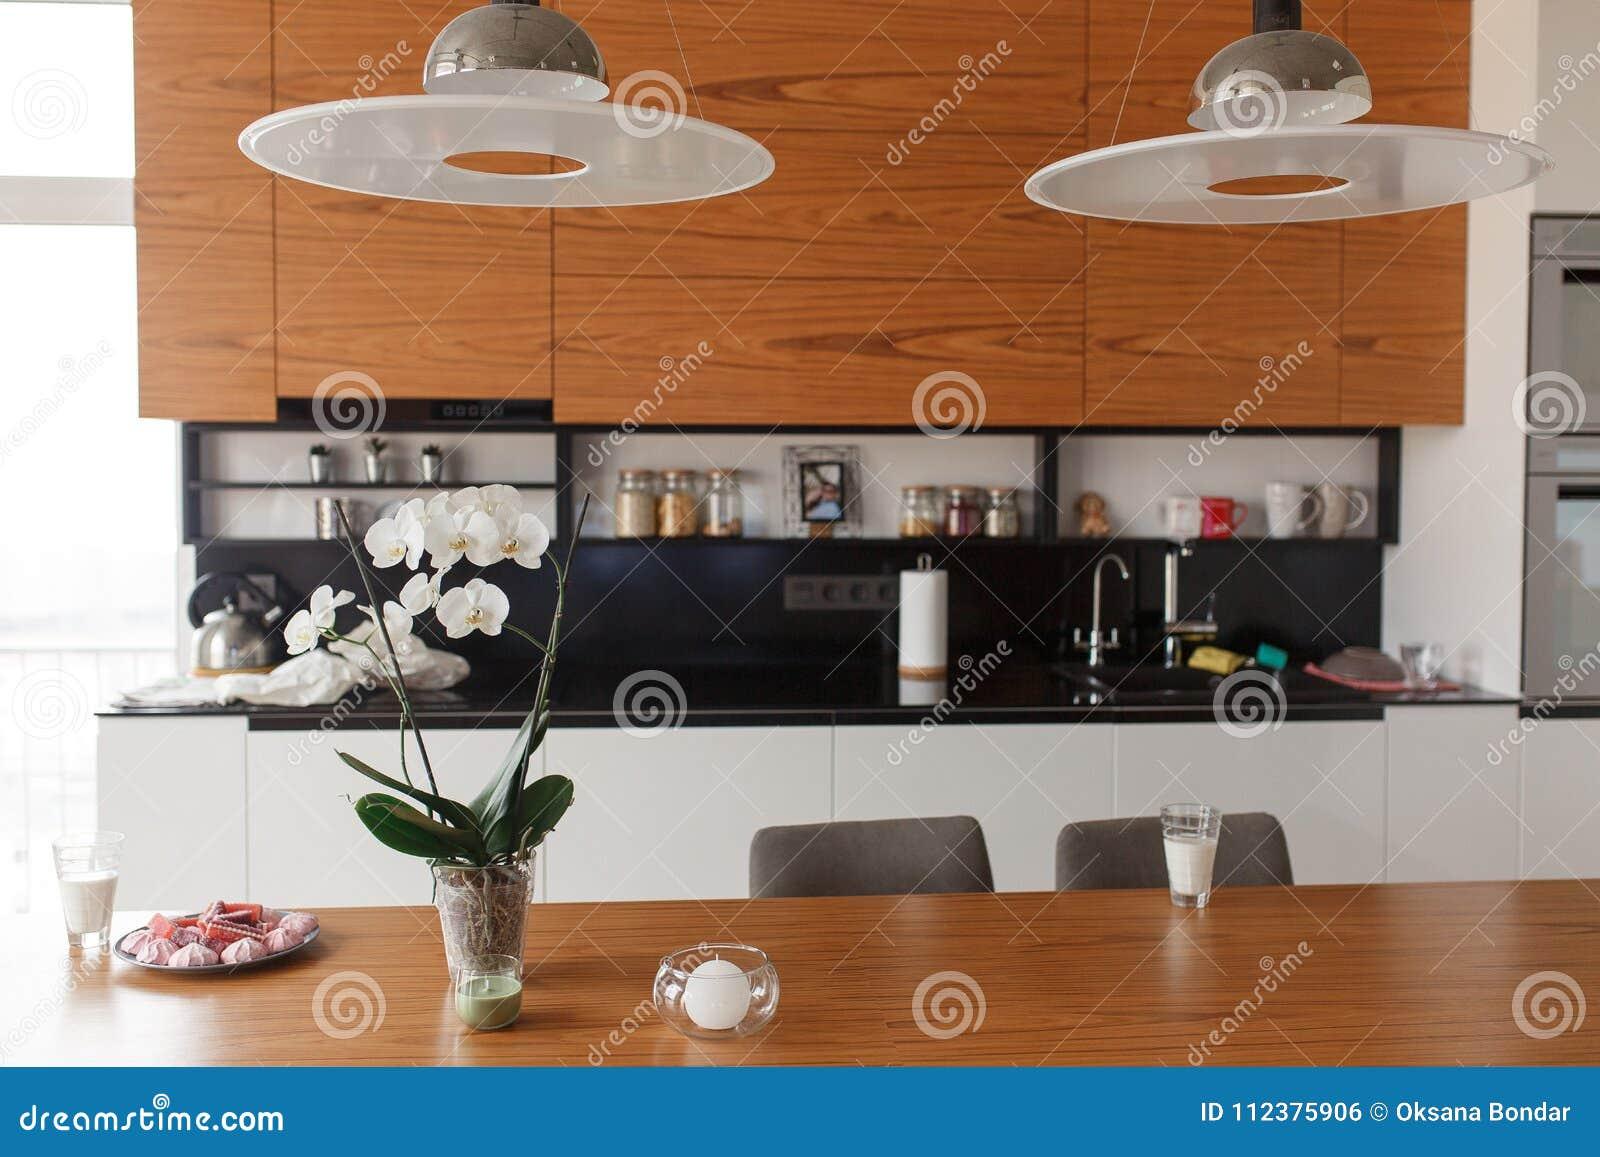 Maison De La Salle intérieur de maison avec la cuisine, le salon et la salle à